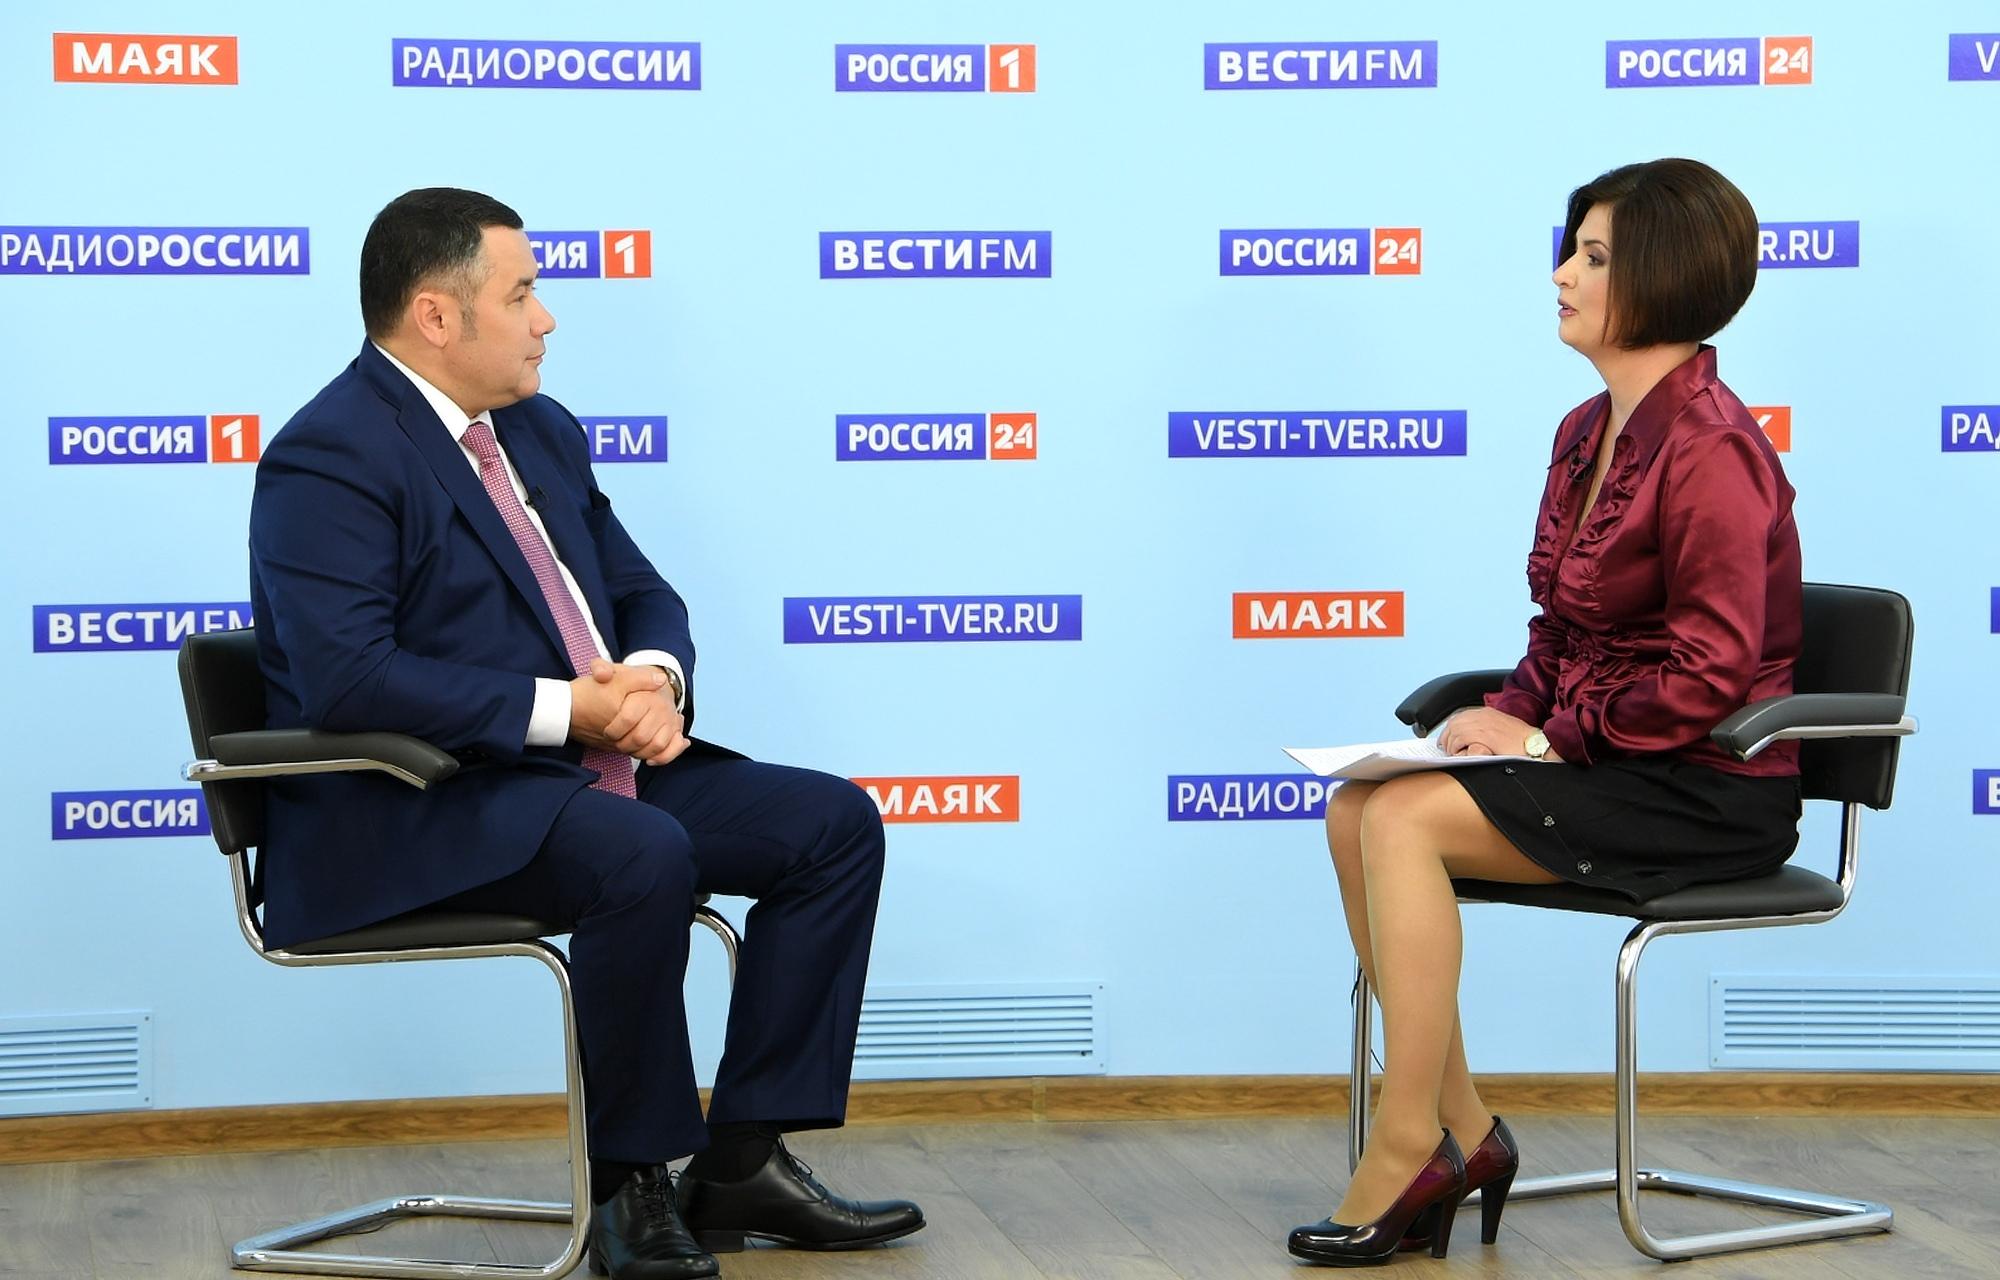 Главные темы: о чём говорил губернатор Тверской области в прямом эфире